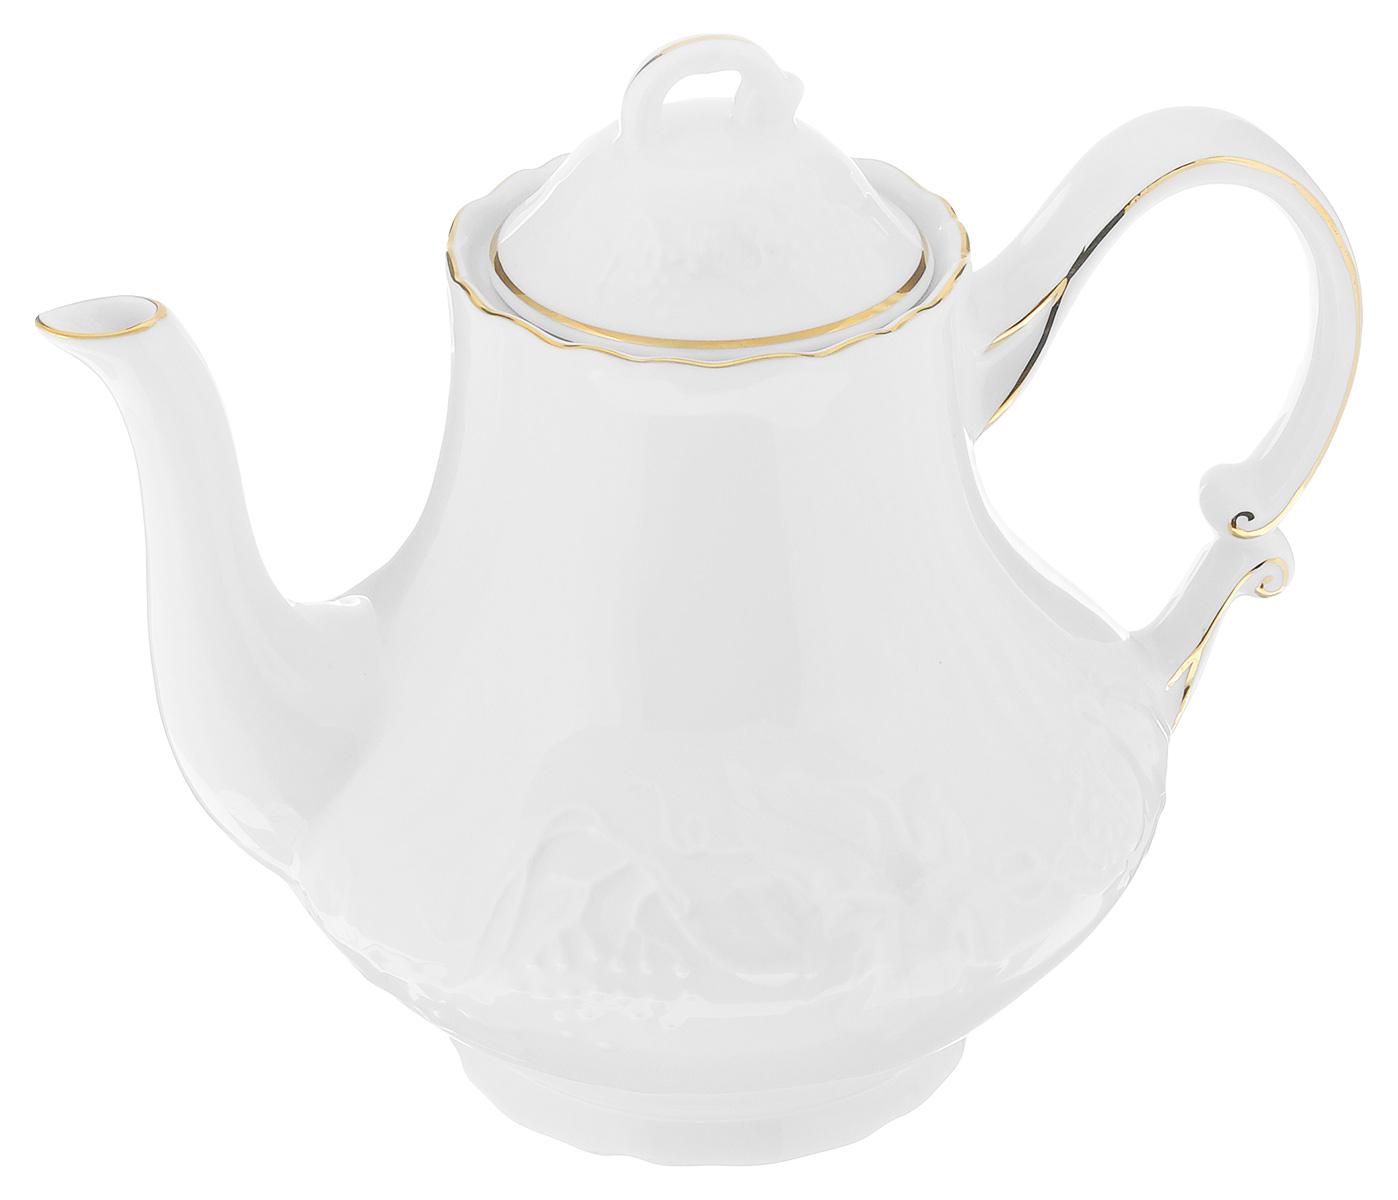 Чайник заварочный La Rose Des Sables Vendanges, цвет: белый, золотистый, 1 л6 931 101 009Чайник заварочный La Rose Des Sables Vendanges, изготовленный из высококачественного фарфора, предназначен для красивой подачи чая. Чайник оформлен рельефным изображением цветов. Прекрасный дизайн изделия идеально подойдет для сервировки стола. Диаметр по верхнему краю: 8 см. Высота (без учета крышки): 15,5 см.